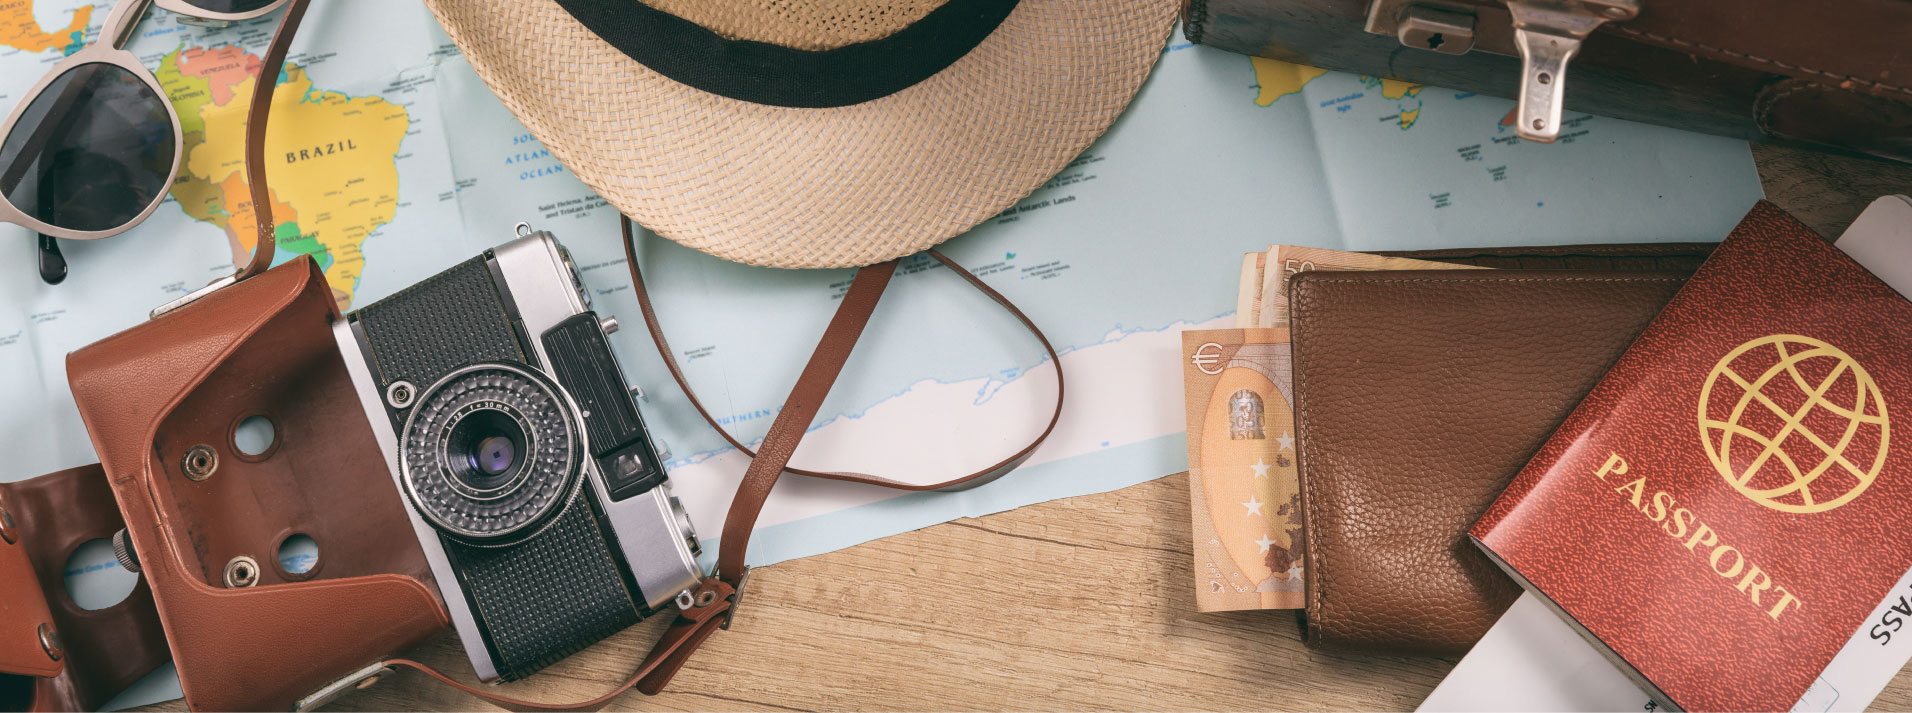 Ce trebuie să nu lipsească din bagajul tău de vacanță